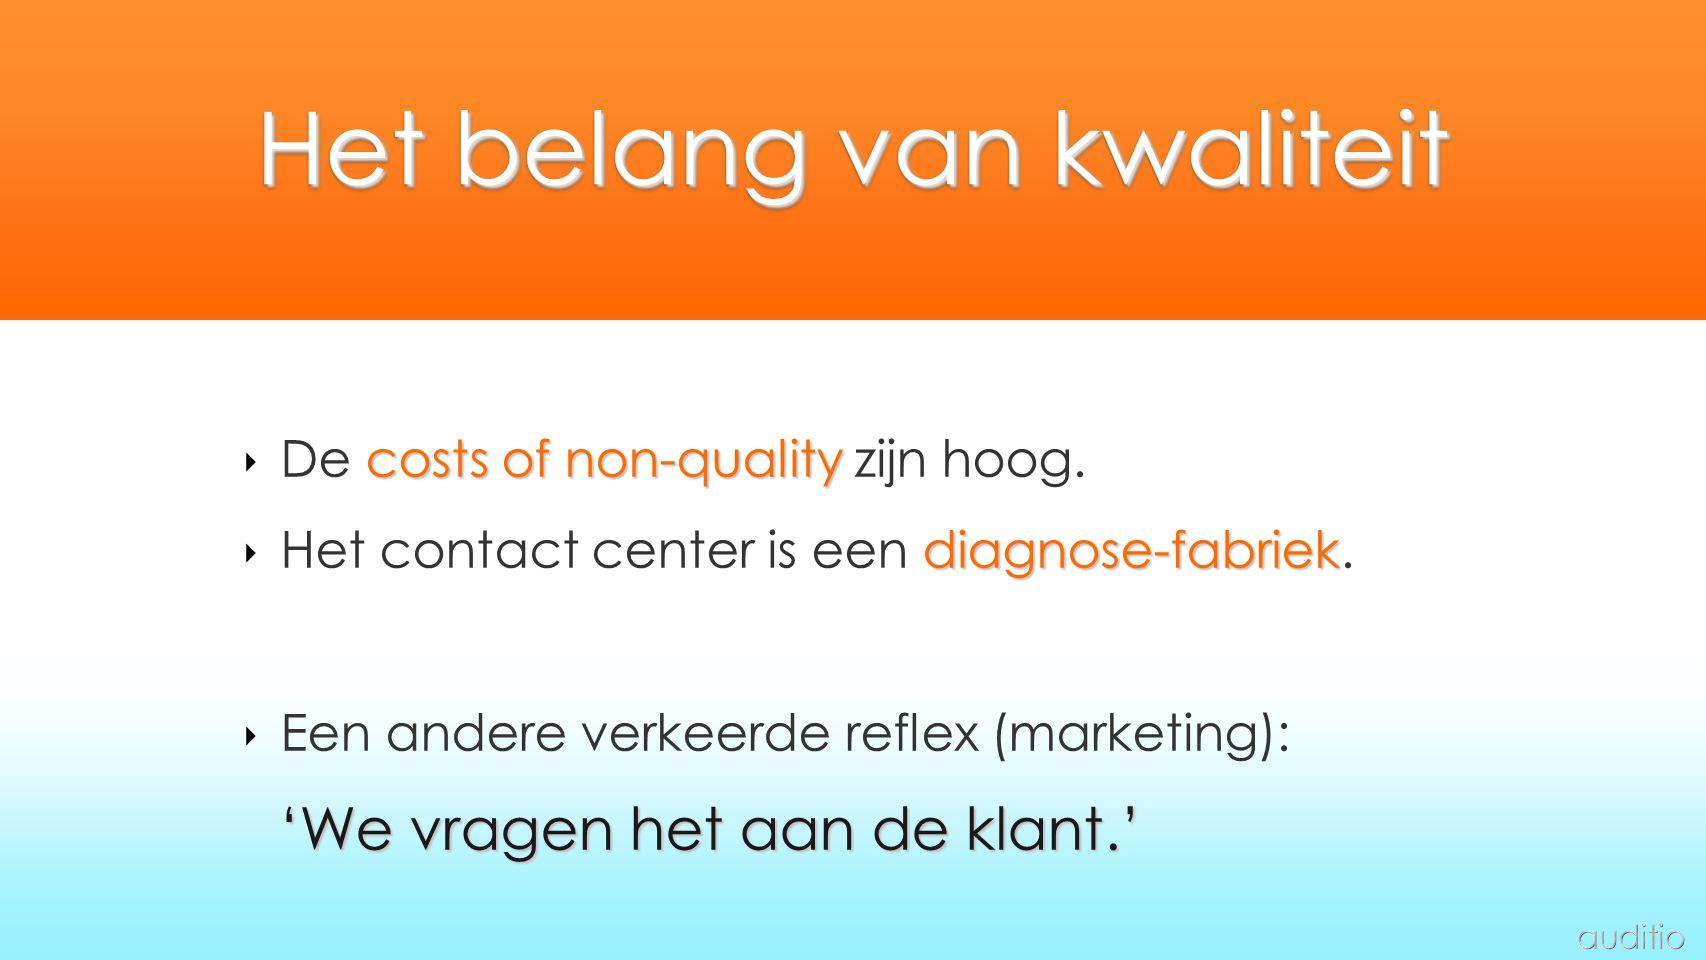 Het belang van kwaliteit costs of non-quality ‣ De costs of non-quality zijn hoog. diagnose-fabriek ‣ Het contact center is een diagnose-fabriek. ‣ Ee